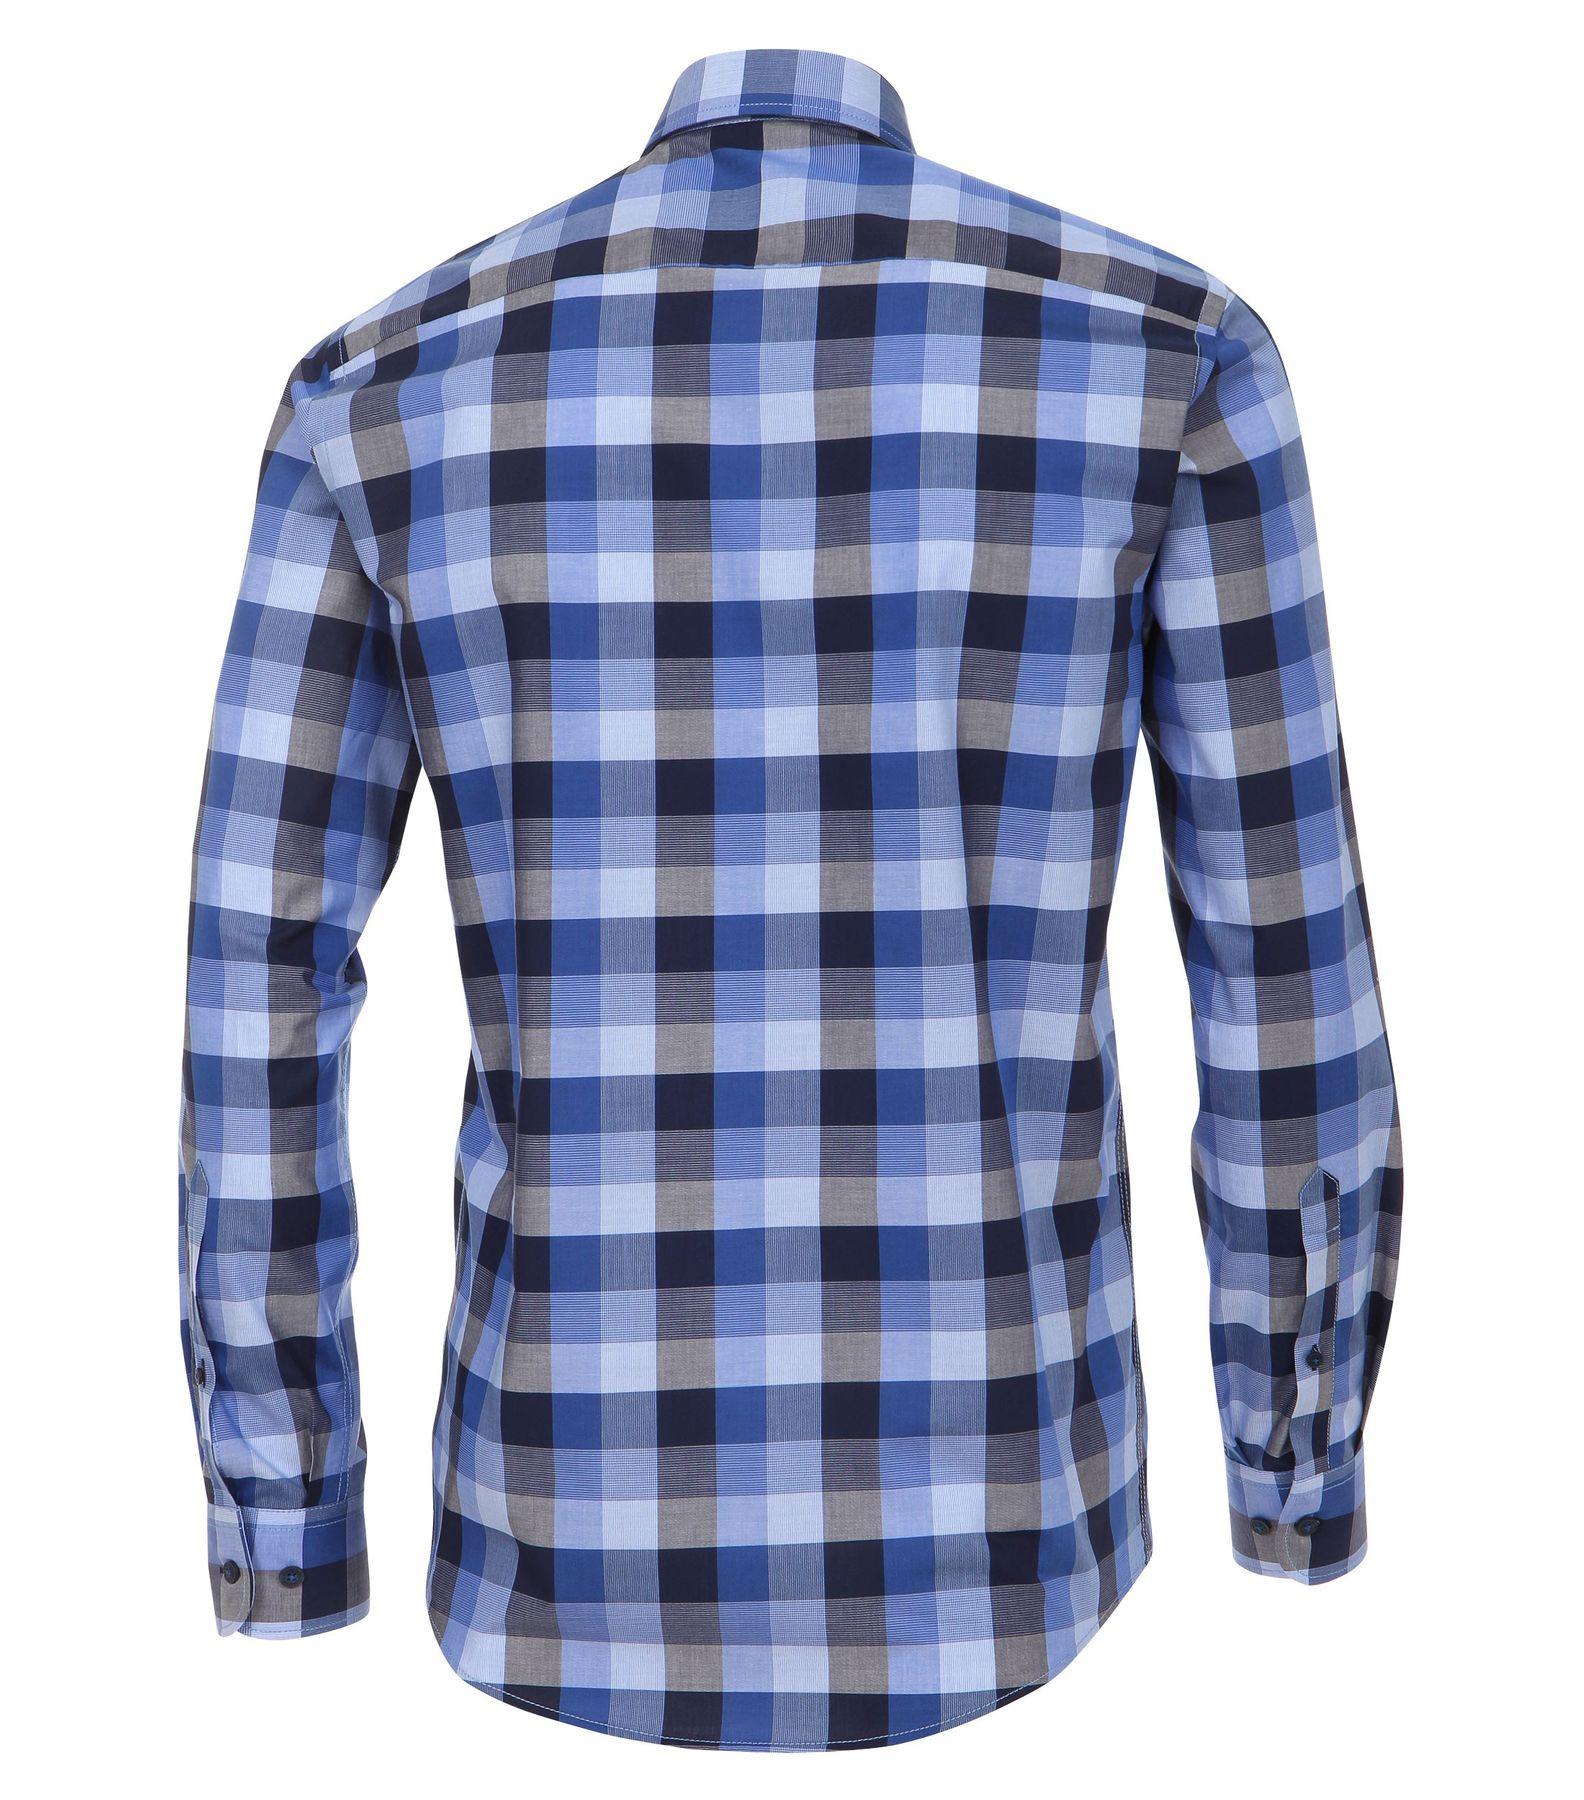 Casa Moda - Casual Fit - Dobby Herren Hemd kariert mit Button Down-Kragen in Rot und Blau (472837100A) – Bild 2